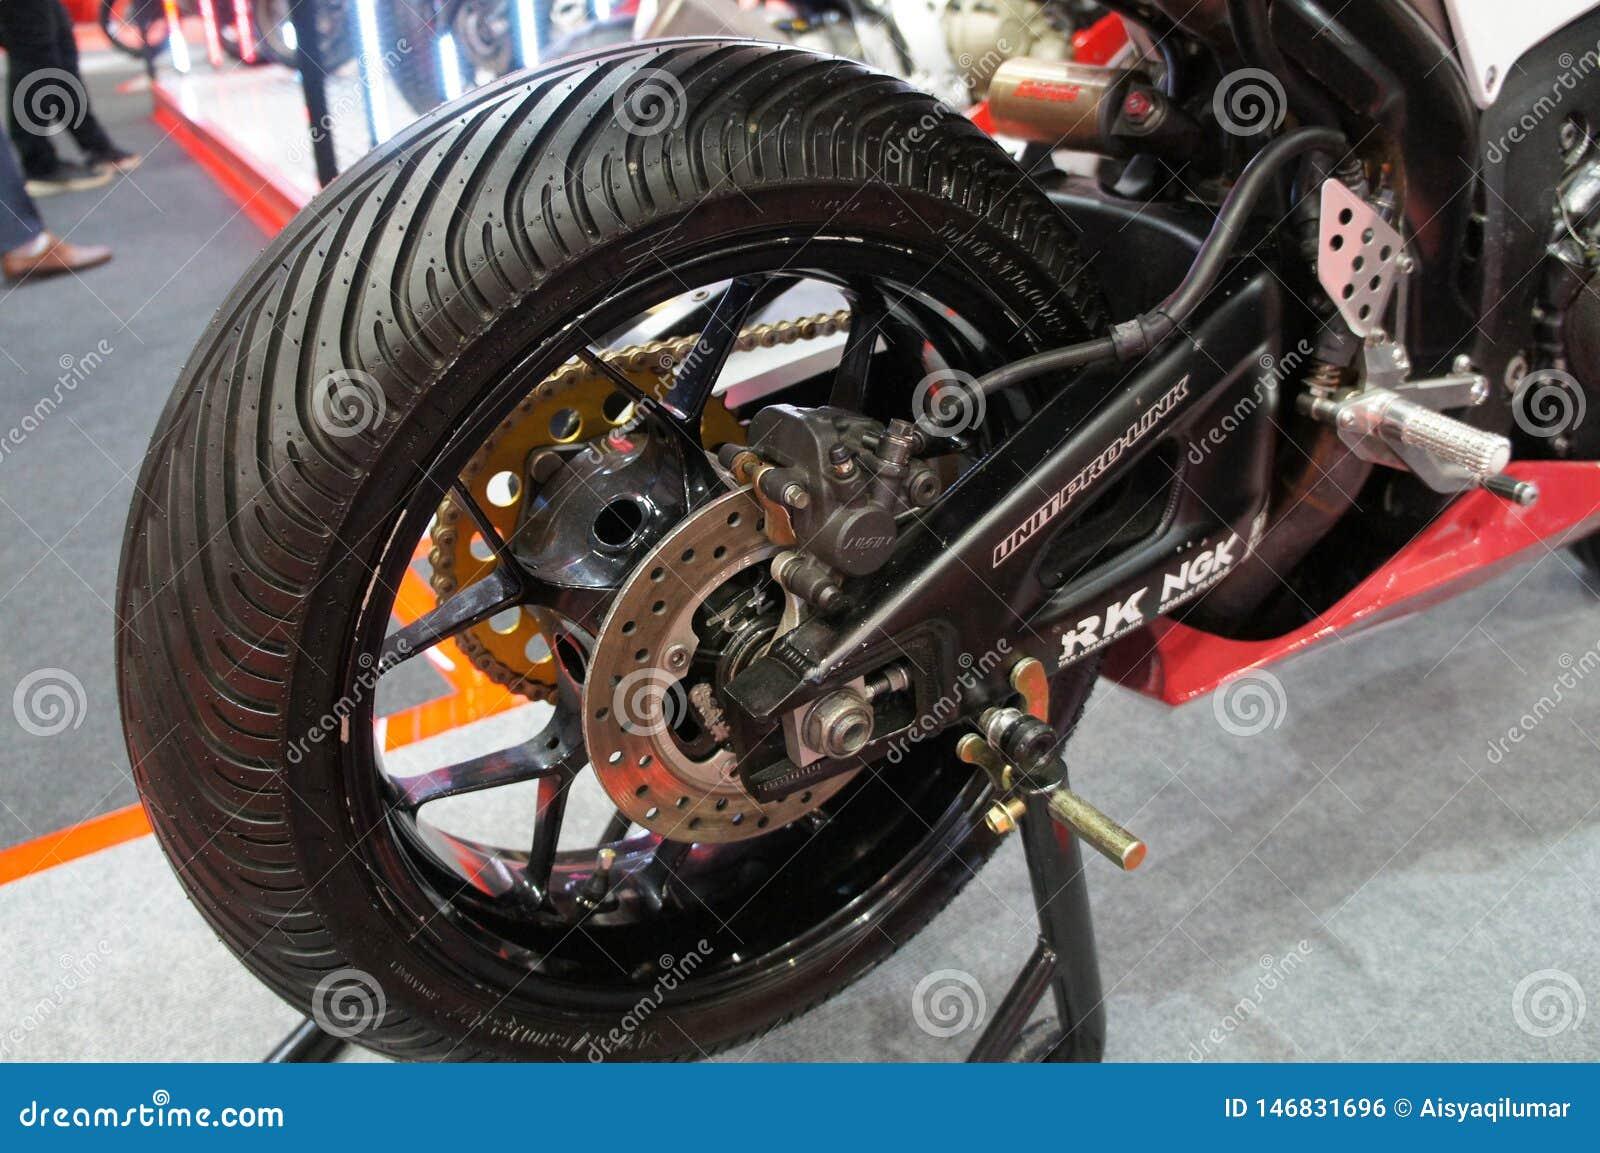 Os freios de disco da motocicleta são exigidos para fornecer mais aperto aos pneus e para permitir os cavaleiros de parar durante